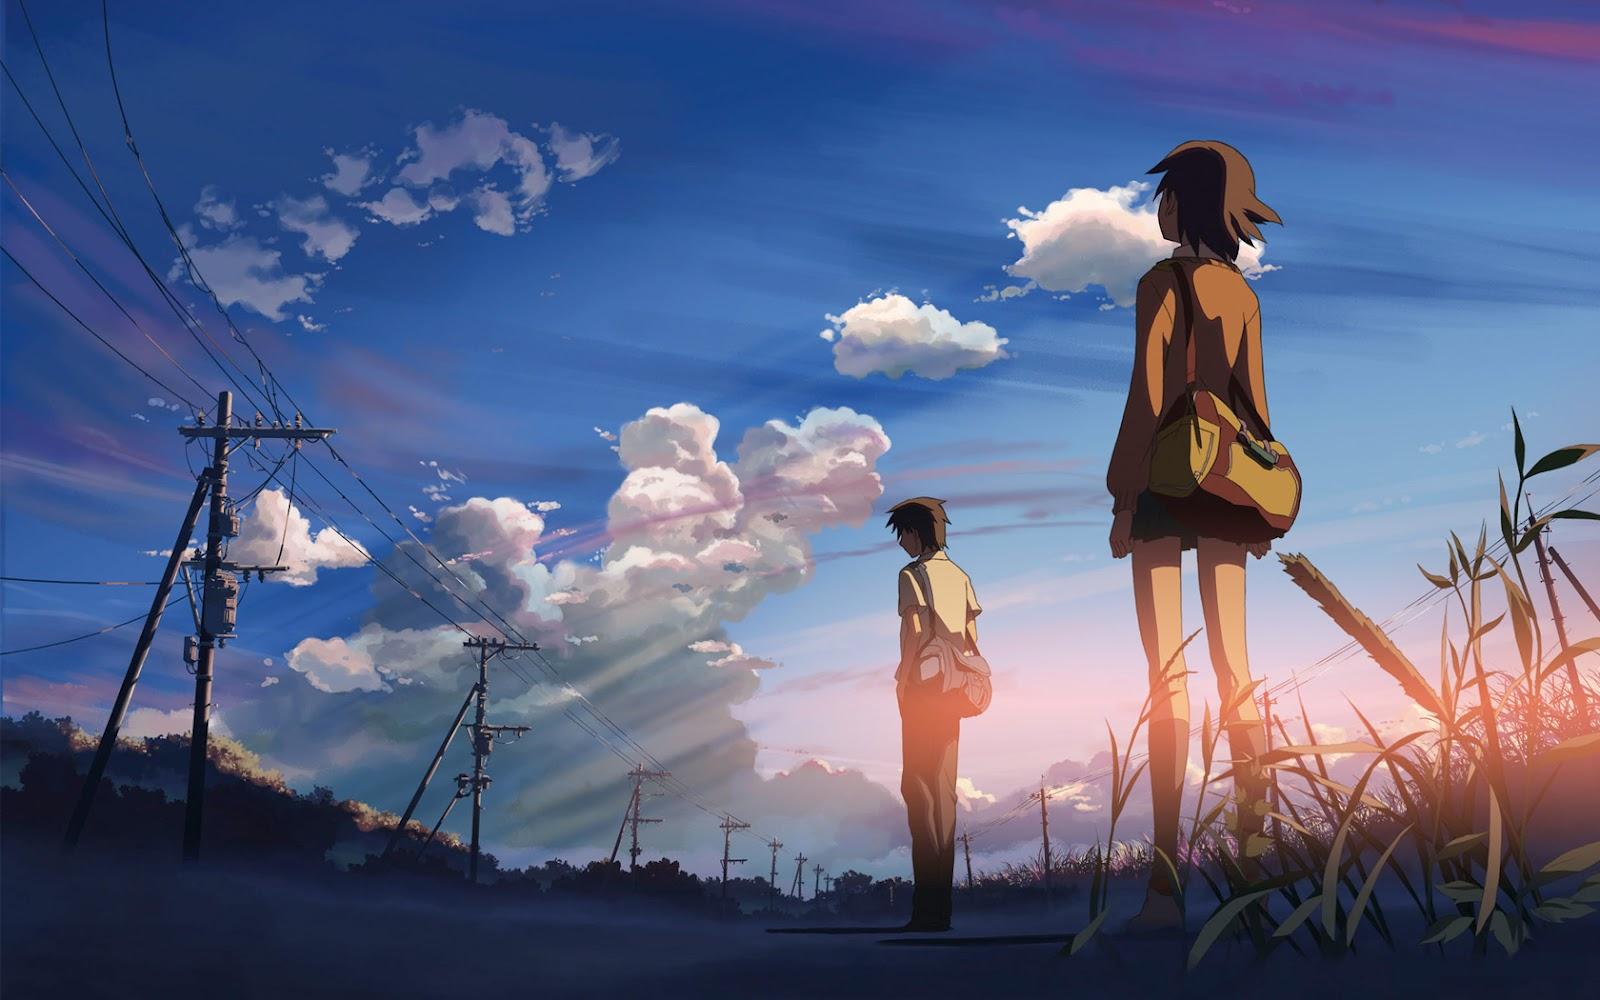 http://2.bp.blogspot.com/-8kmEXPb4FW8/UE4-3utn9XI/AAAAAAAABXI/MQjnC0hFvTA/s1600/Fondo+Cielo+Anime.jpg